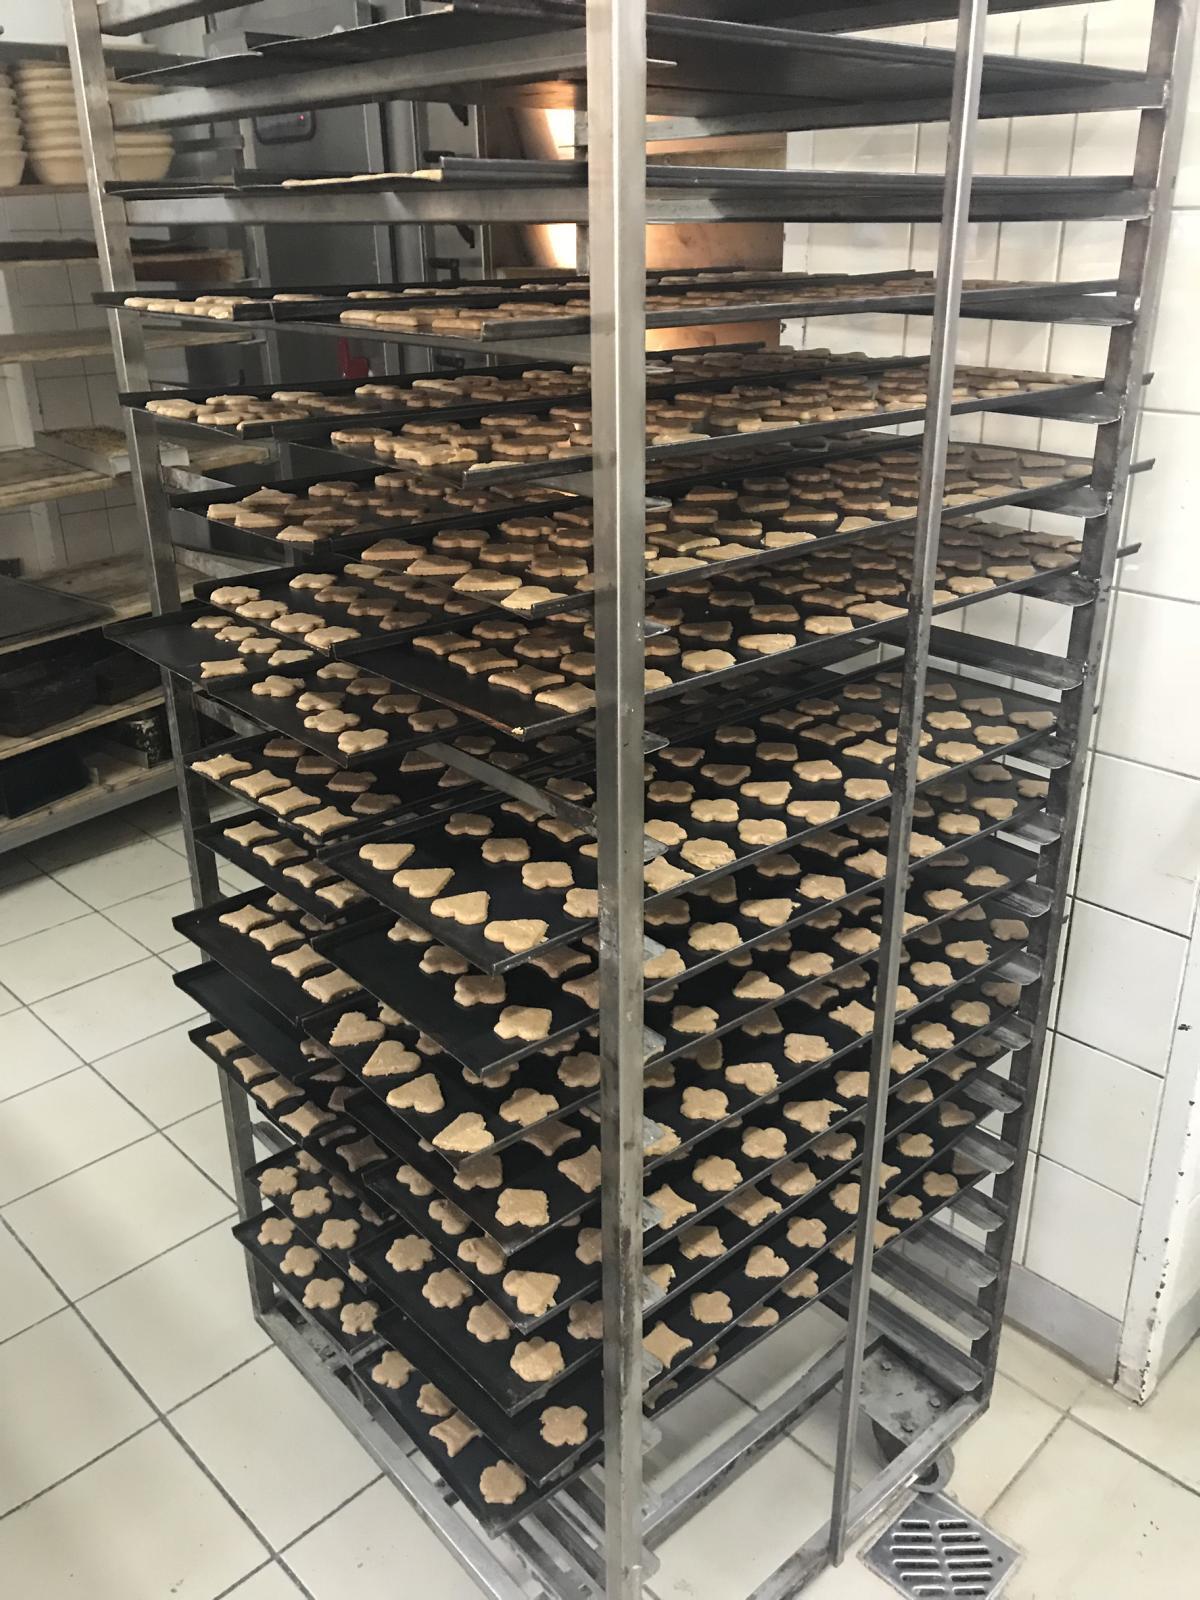 Dinkelvollkornkekse kurz bevor sie gebacken werden.